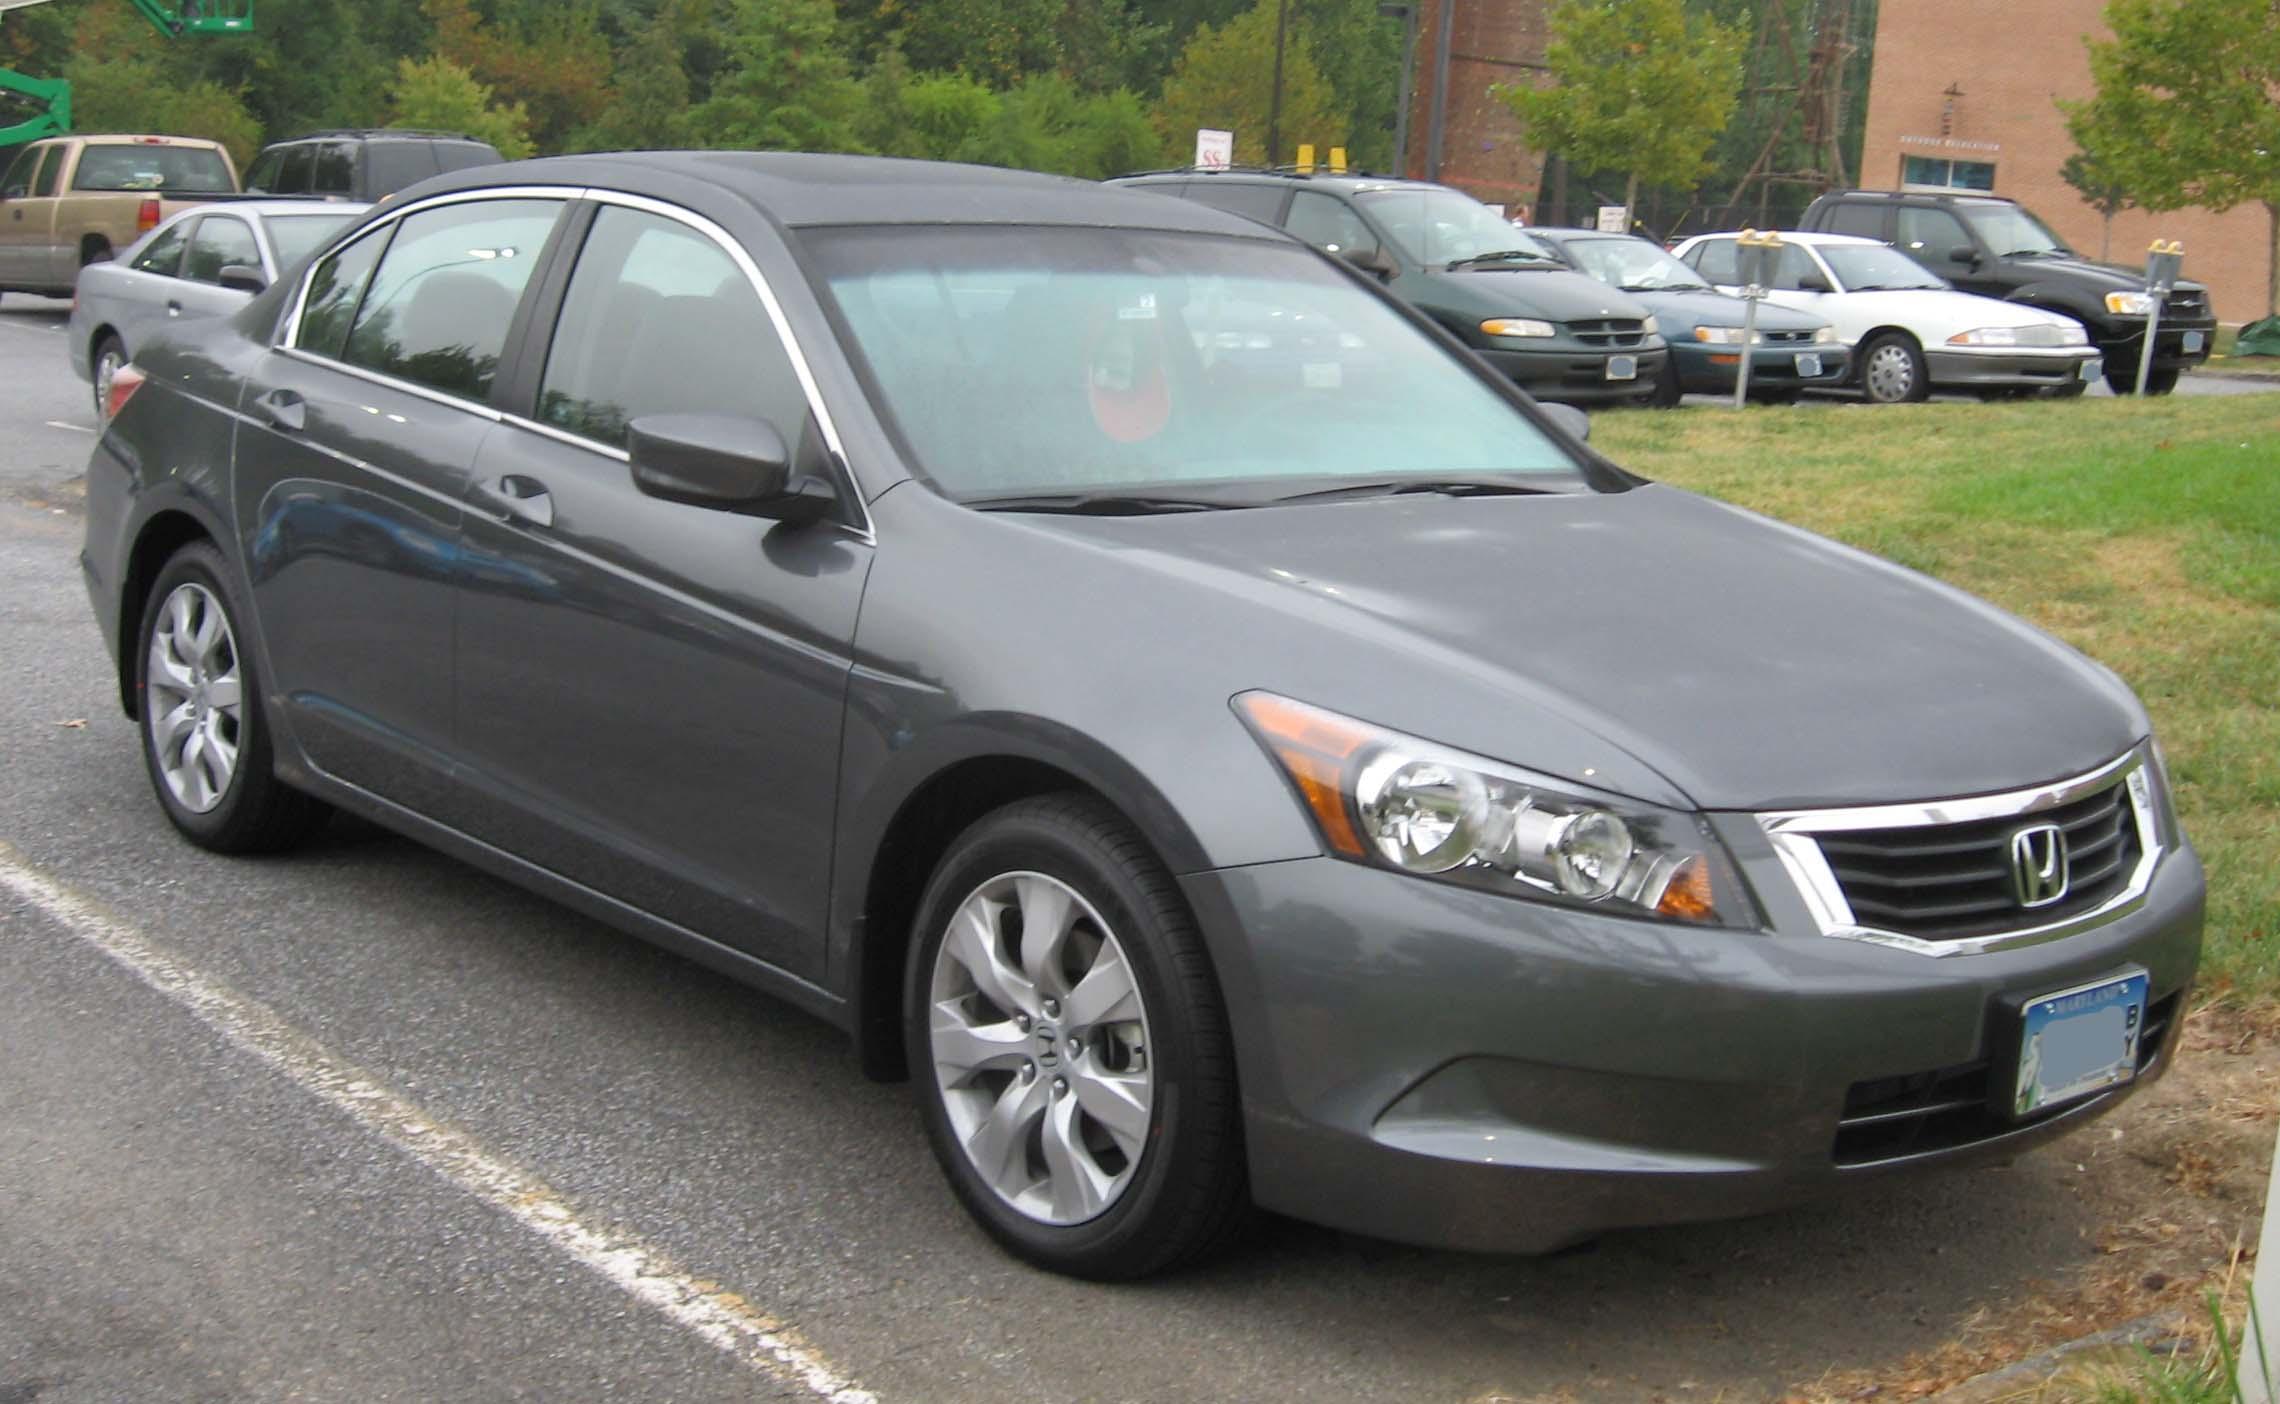 2008 Honda Accord Image 15